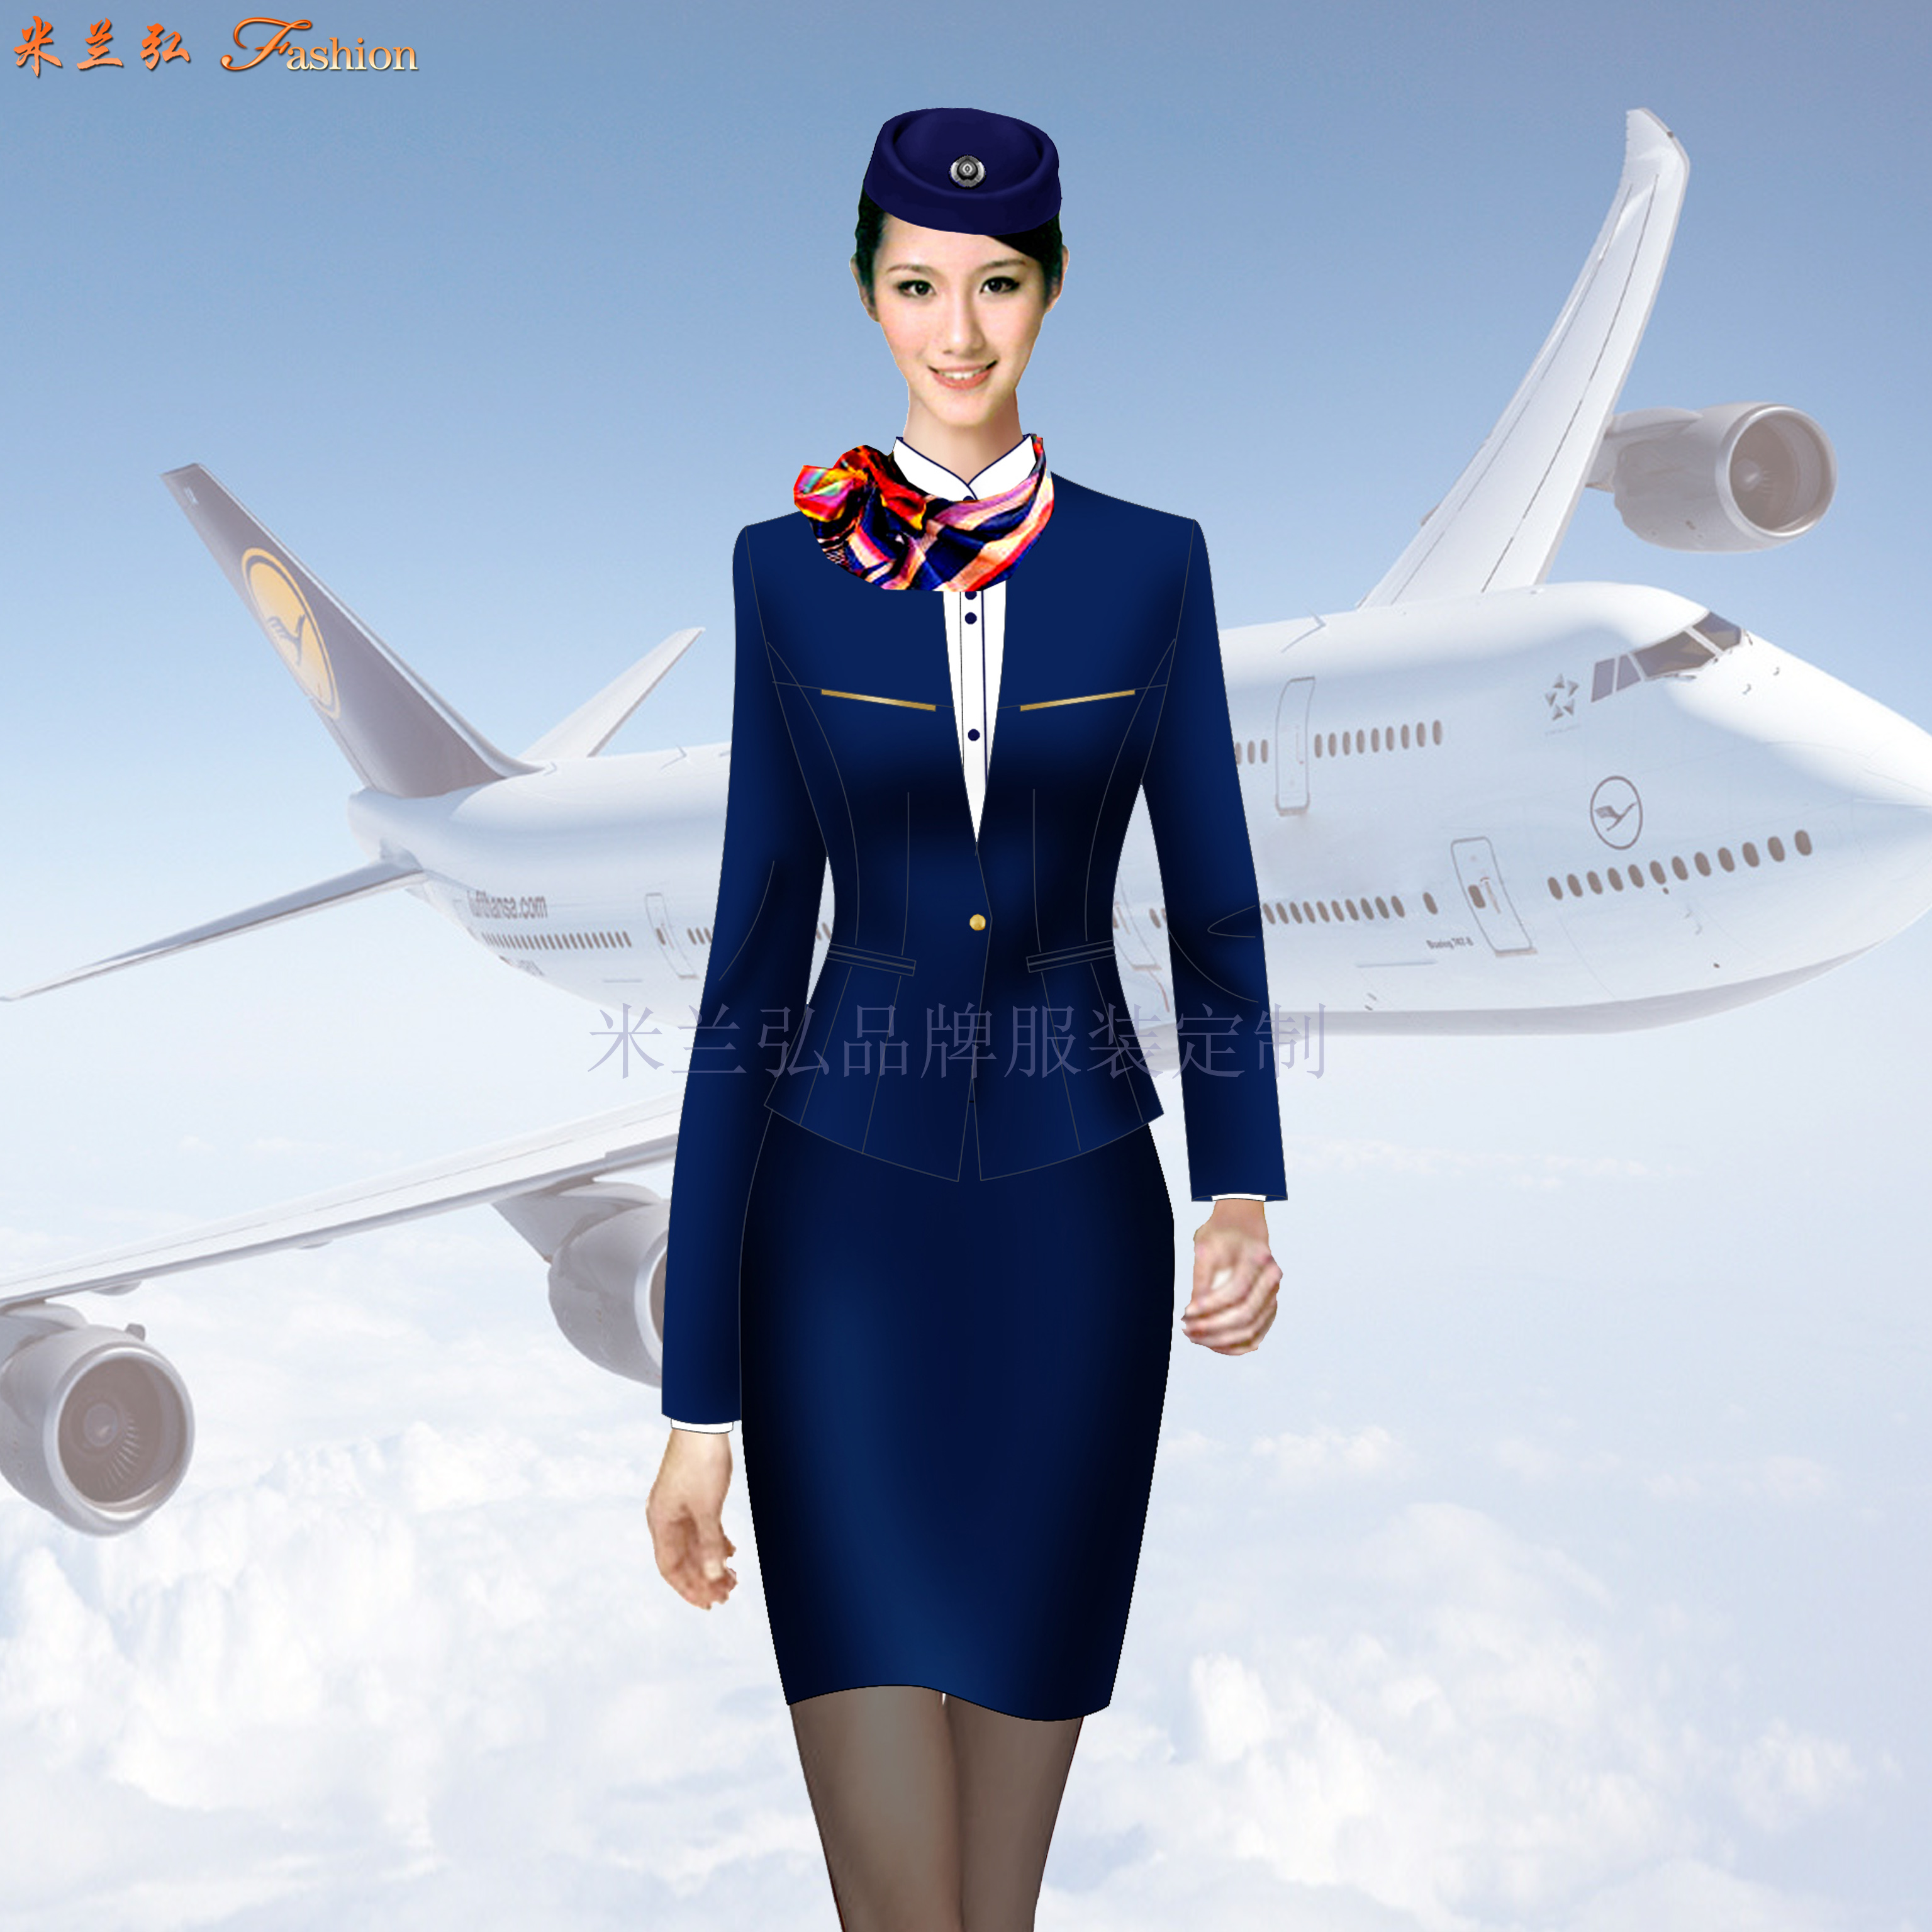 高等院校空乘服定制_高职学校空姐服定做_成人学校空姐服订做👍-2